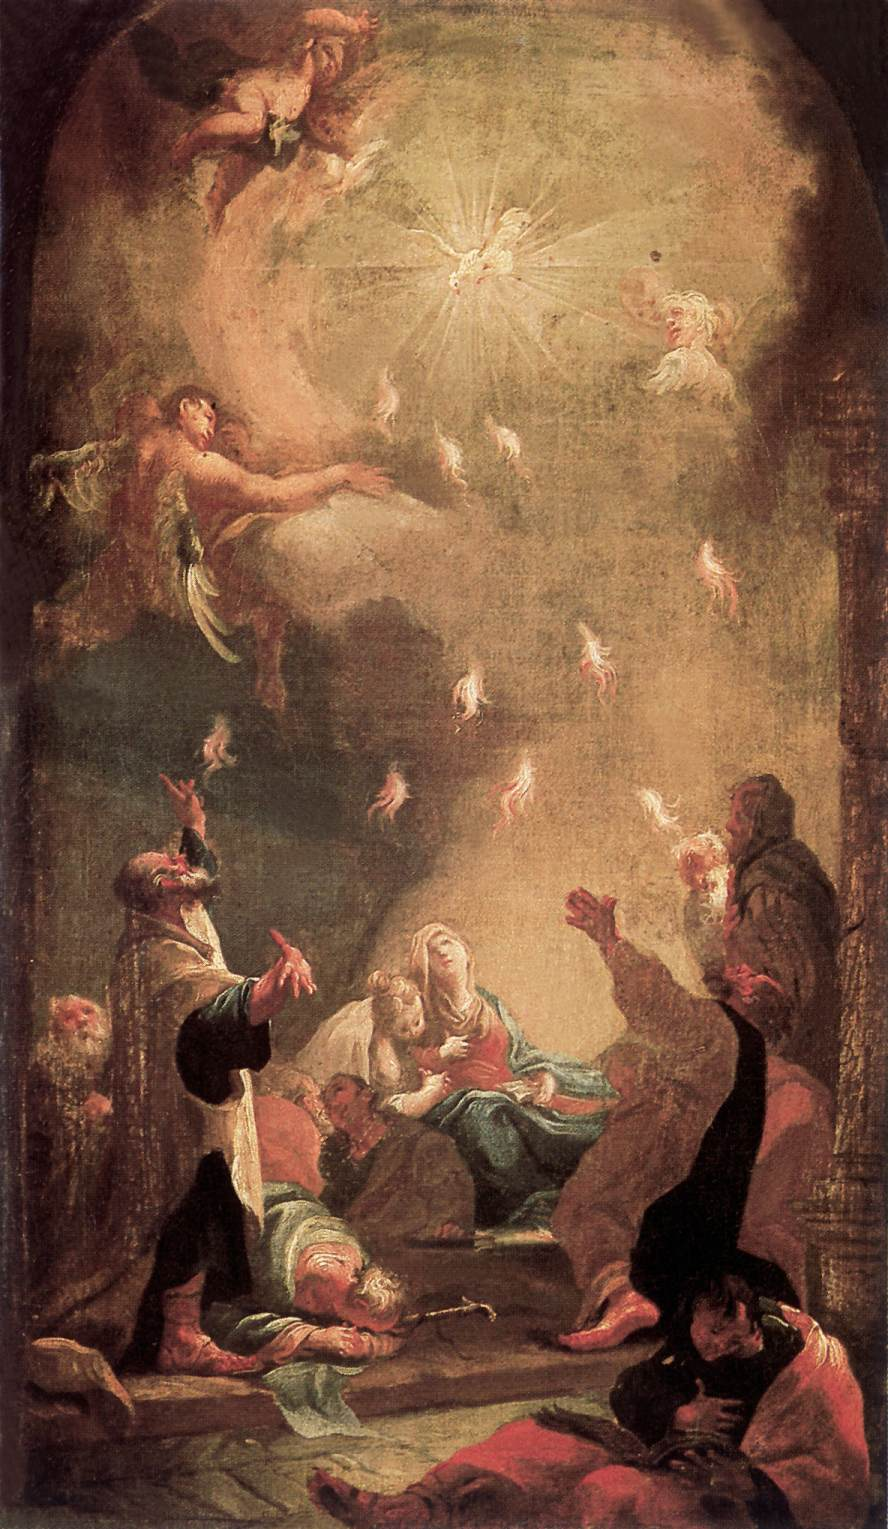 File:Dorffmaister, István - Pentecost (1782).jpg